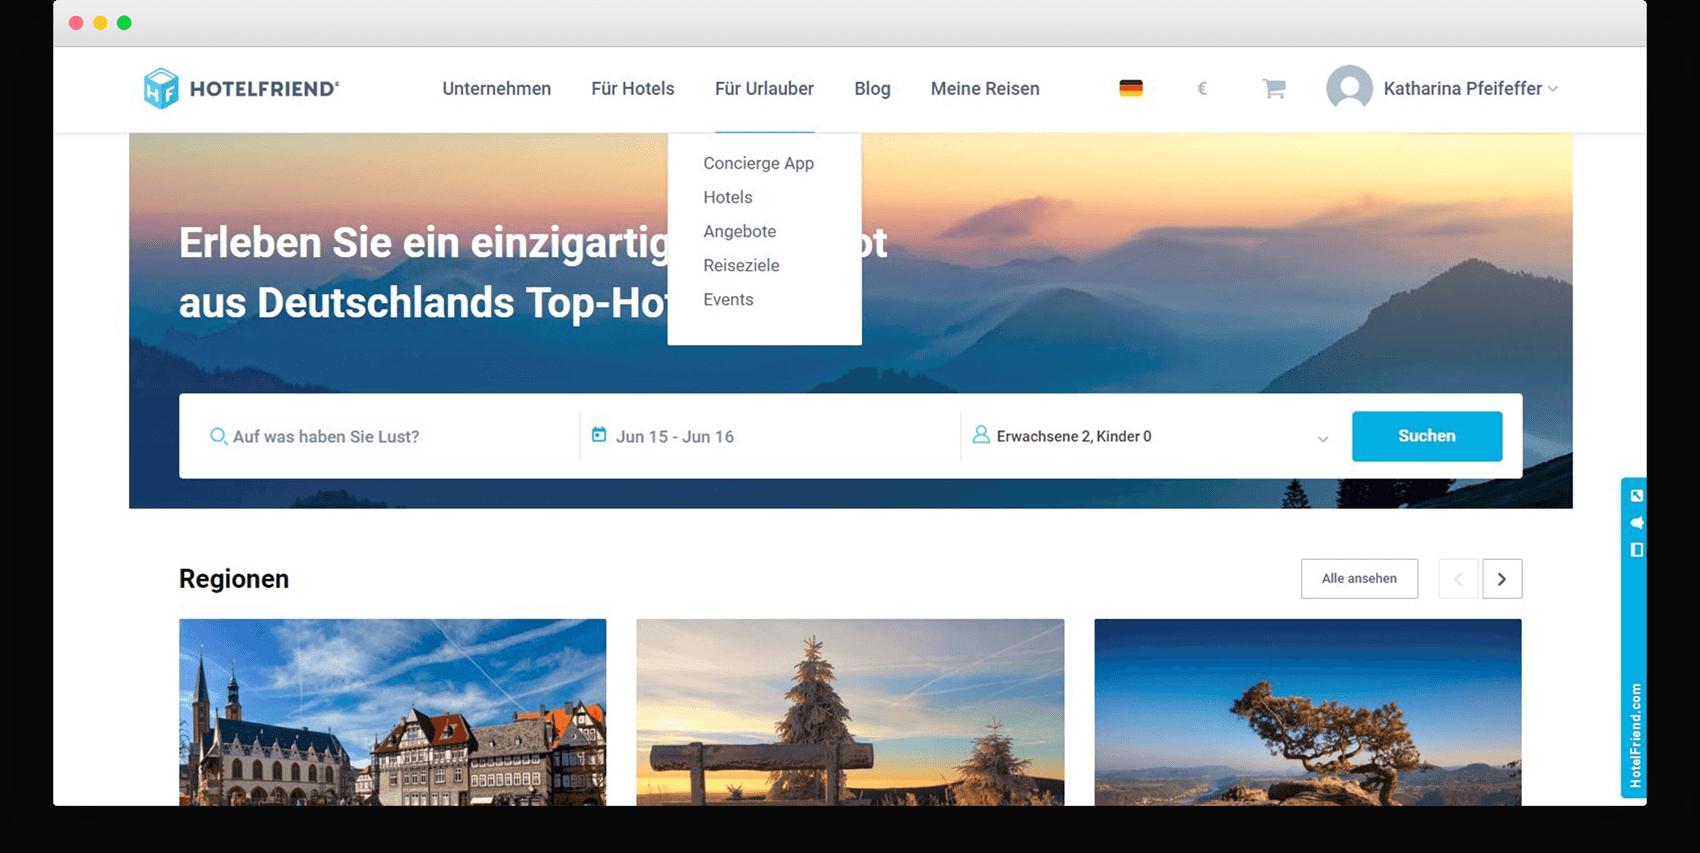 Einfaches Navigationsmenü im Kopfbereich der Webseite